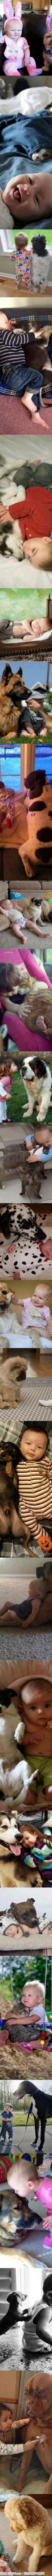 一组图告诉你孩子为什么需要宠物